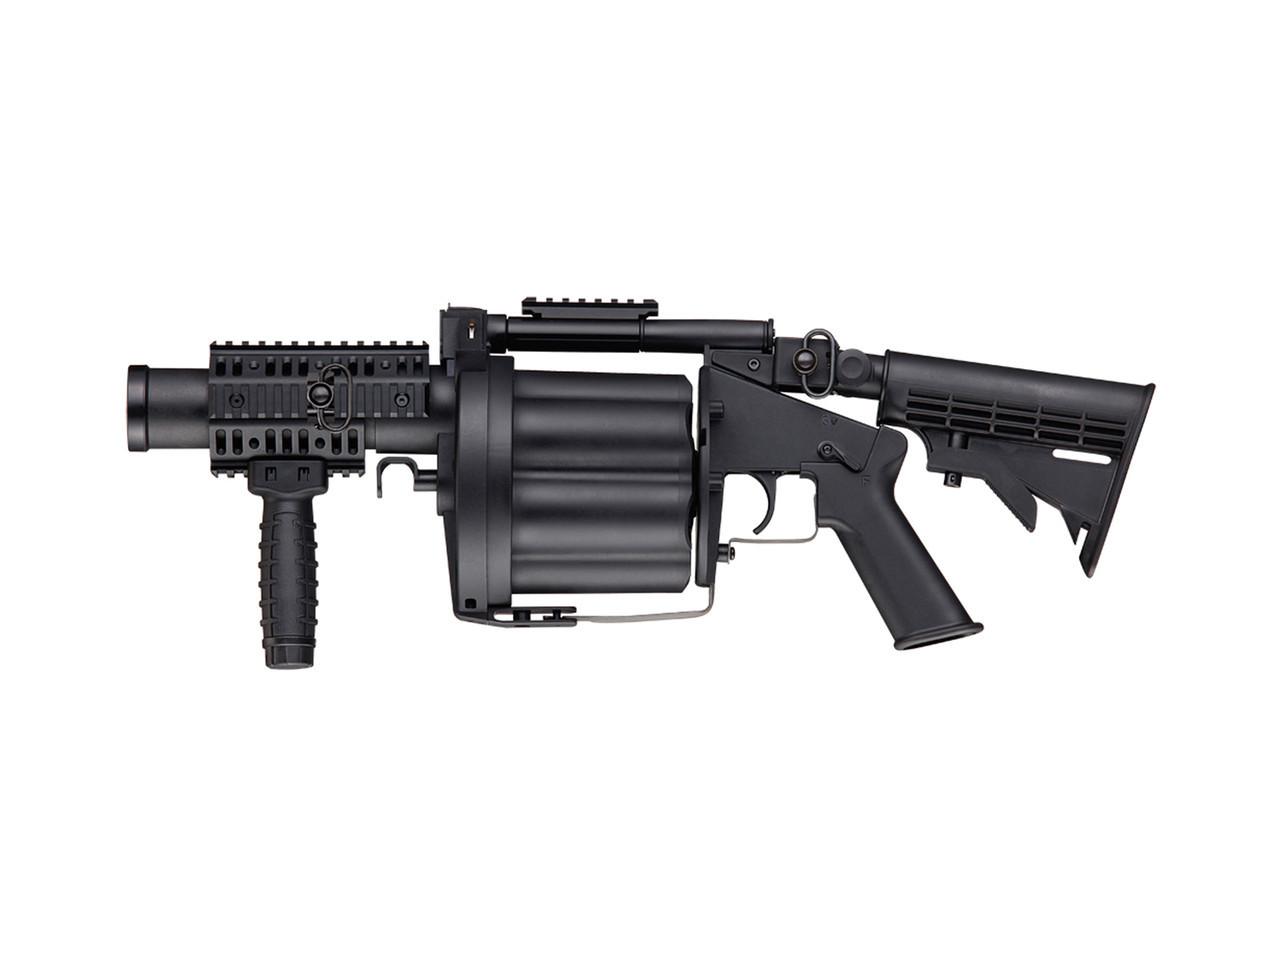 Гранатомет для страйкбола ASG Milkor Multiple Grenade Launcher, Калибр: 40 мм, Ёмкость магазина (барабана): 6,